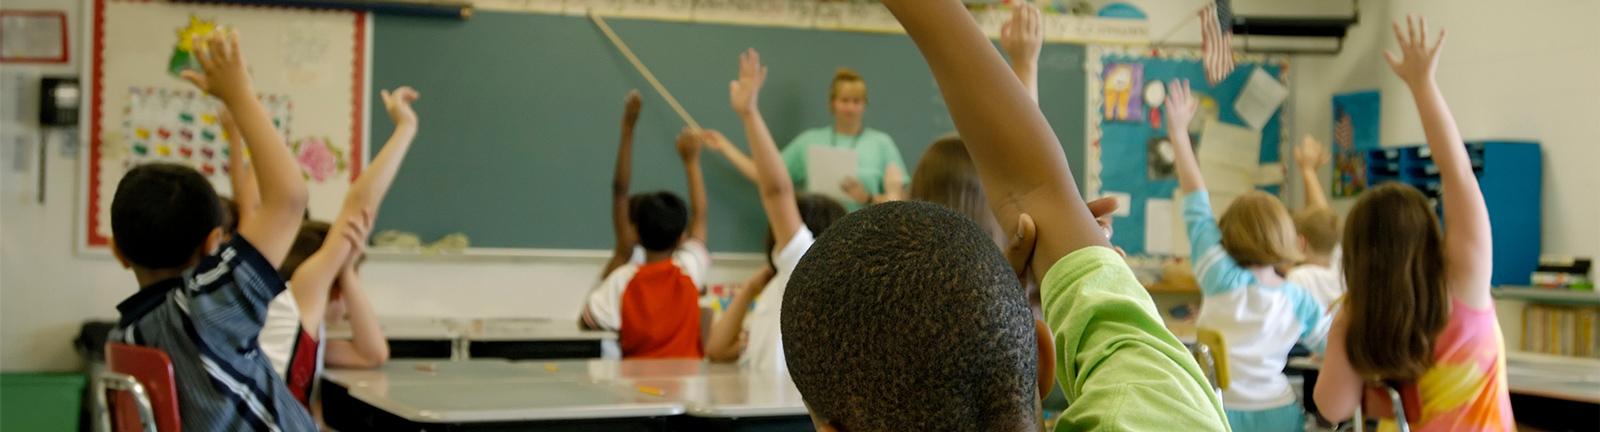 Education-header